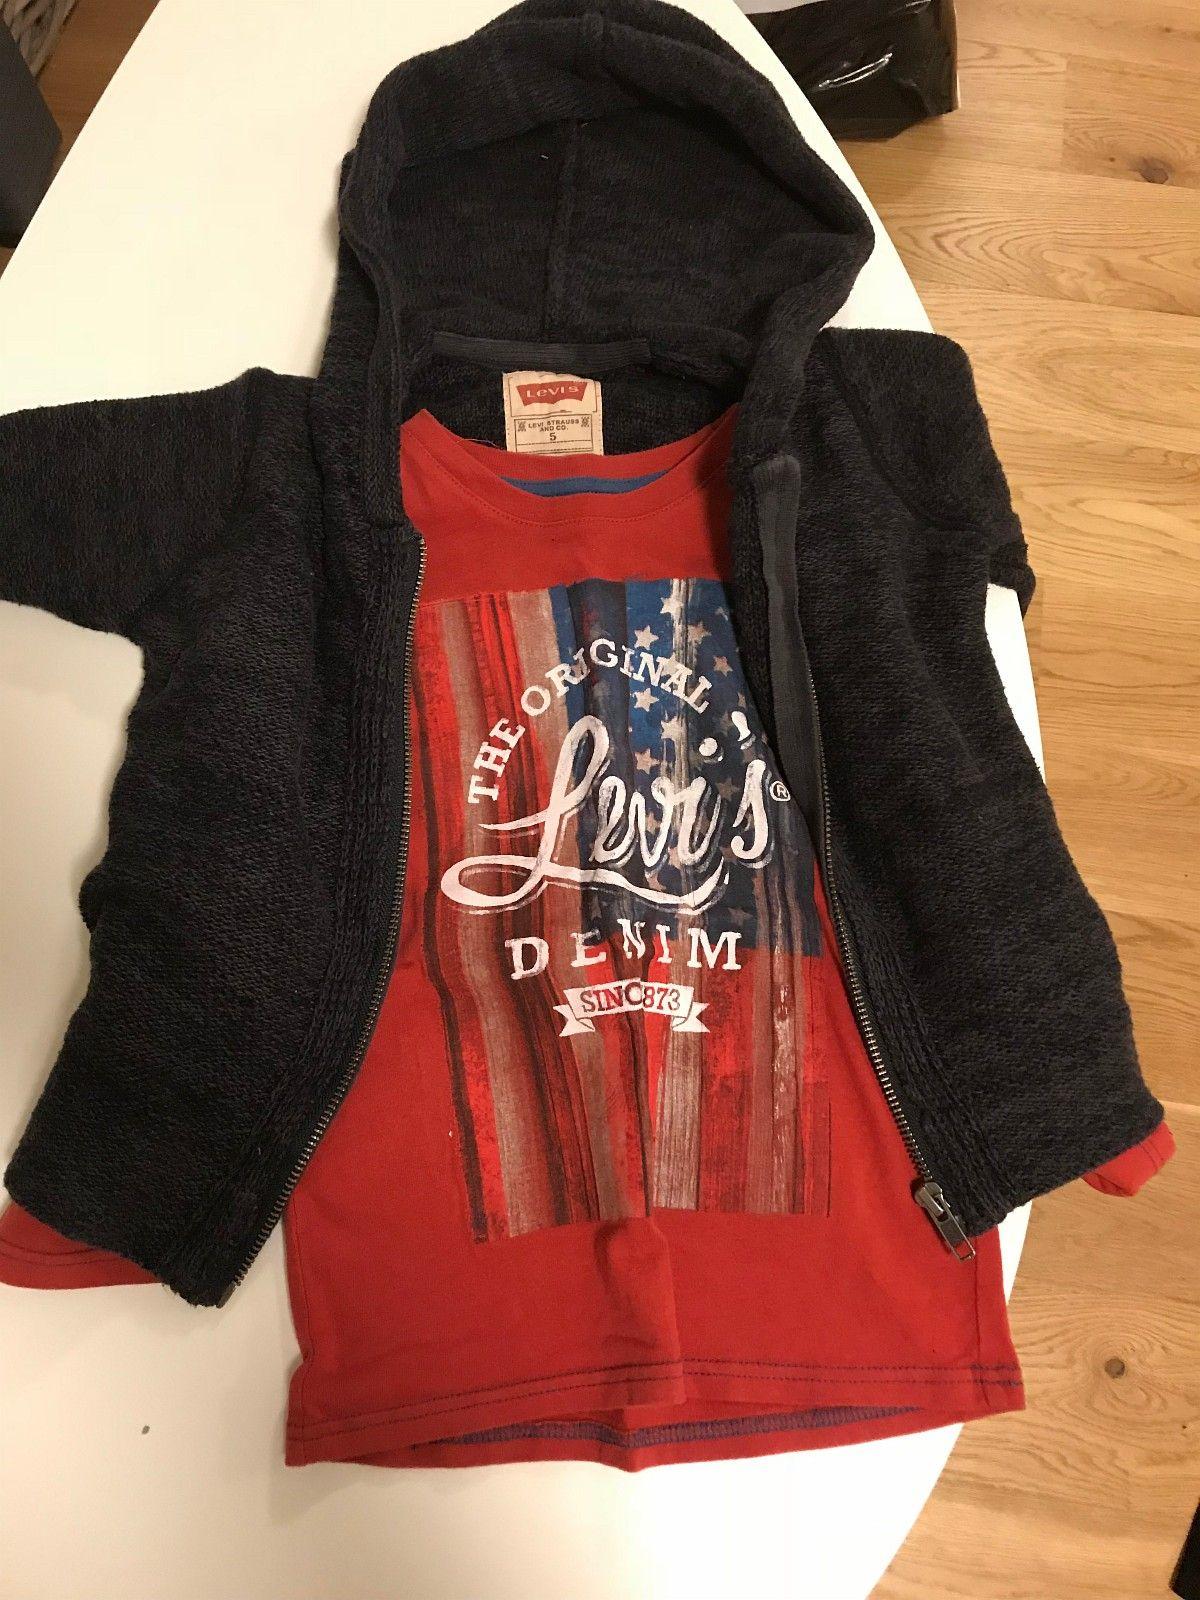 Levis sett - Hafrsfjord  - Levis hoodie/jakke i grovstrikk så den er god og lun + Levis genser genser i bomull  Selges samlet til 100kr - Hafrsfjord